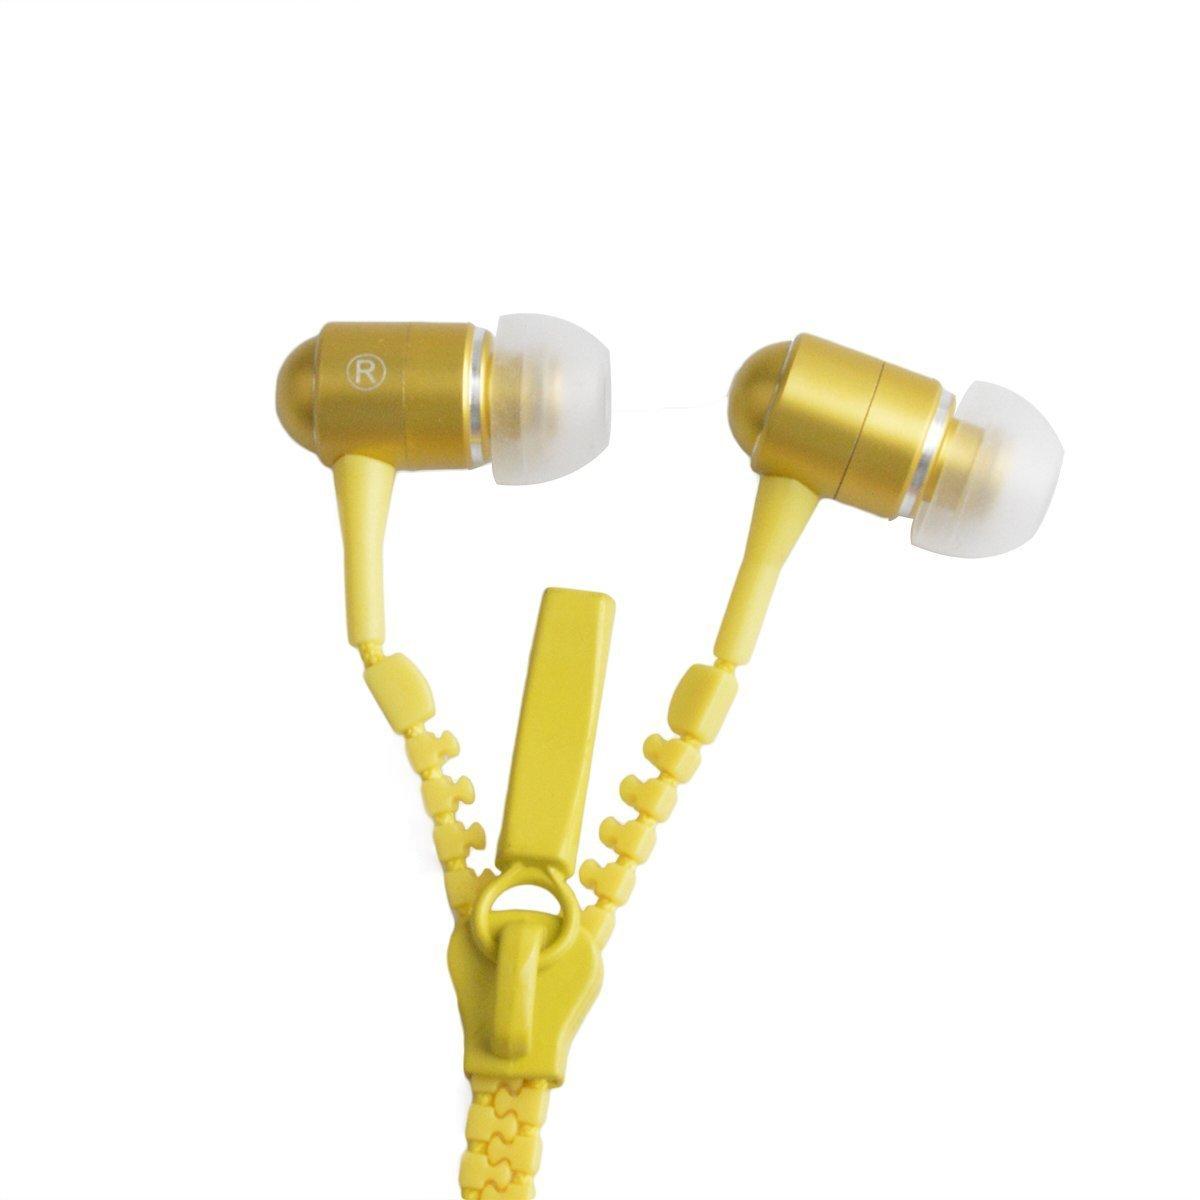 手机耳机 电脑耳机 音乐耳机 带麦克风 游戏耳机 带麦 兼容苹果三星等